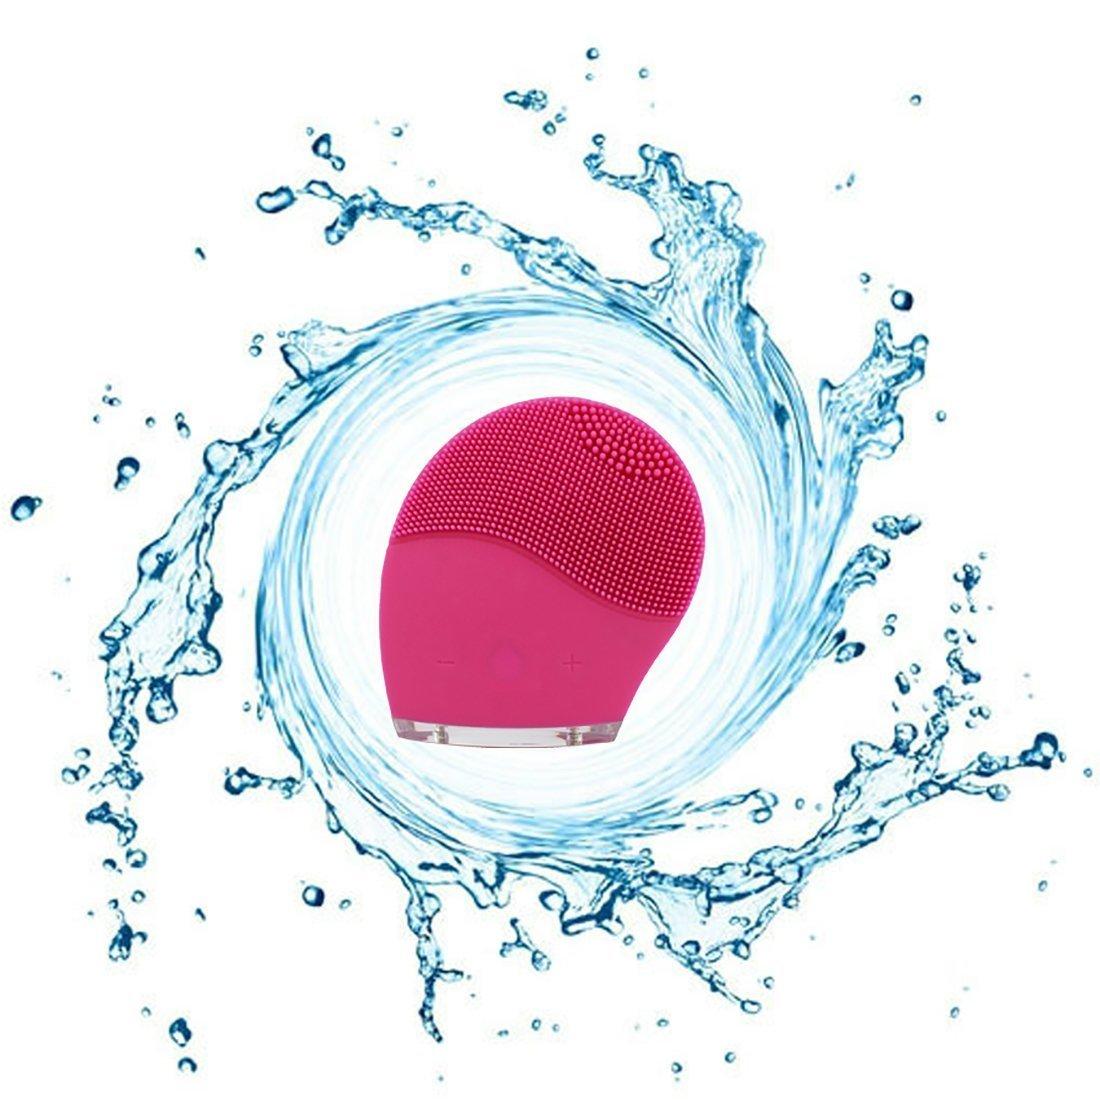 WEMINC silicona cepillo de limpieza cara limpiador Facial, de profundidad Vibrador impermeable Sistema de limpieza facial para cuidado de la piel, ...